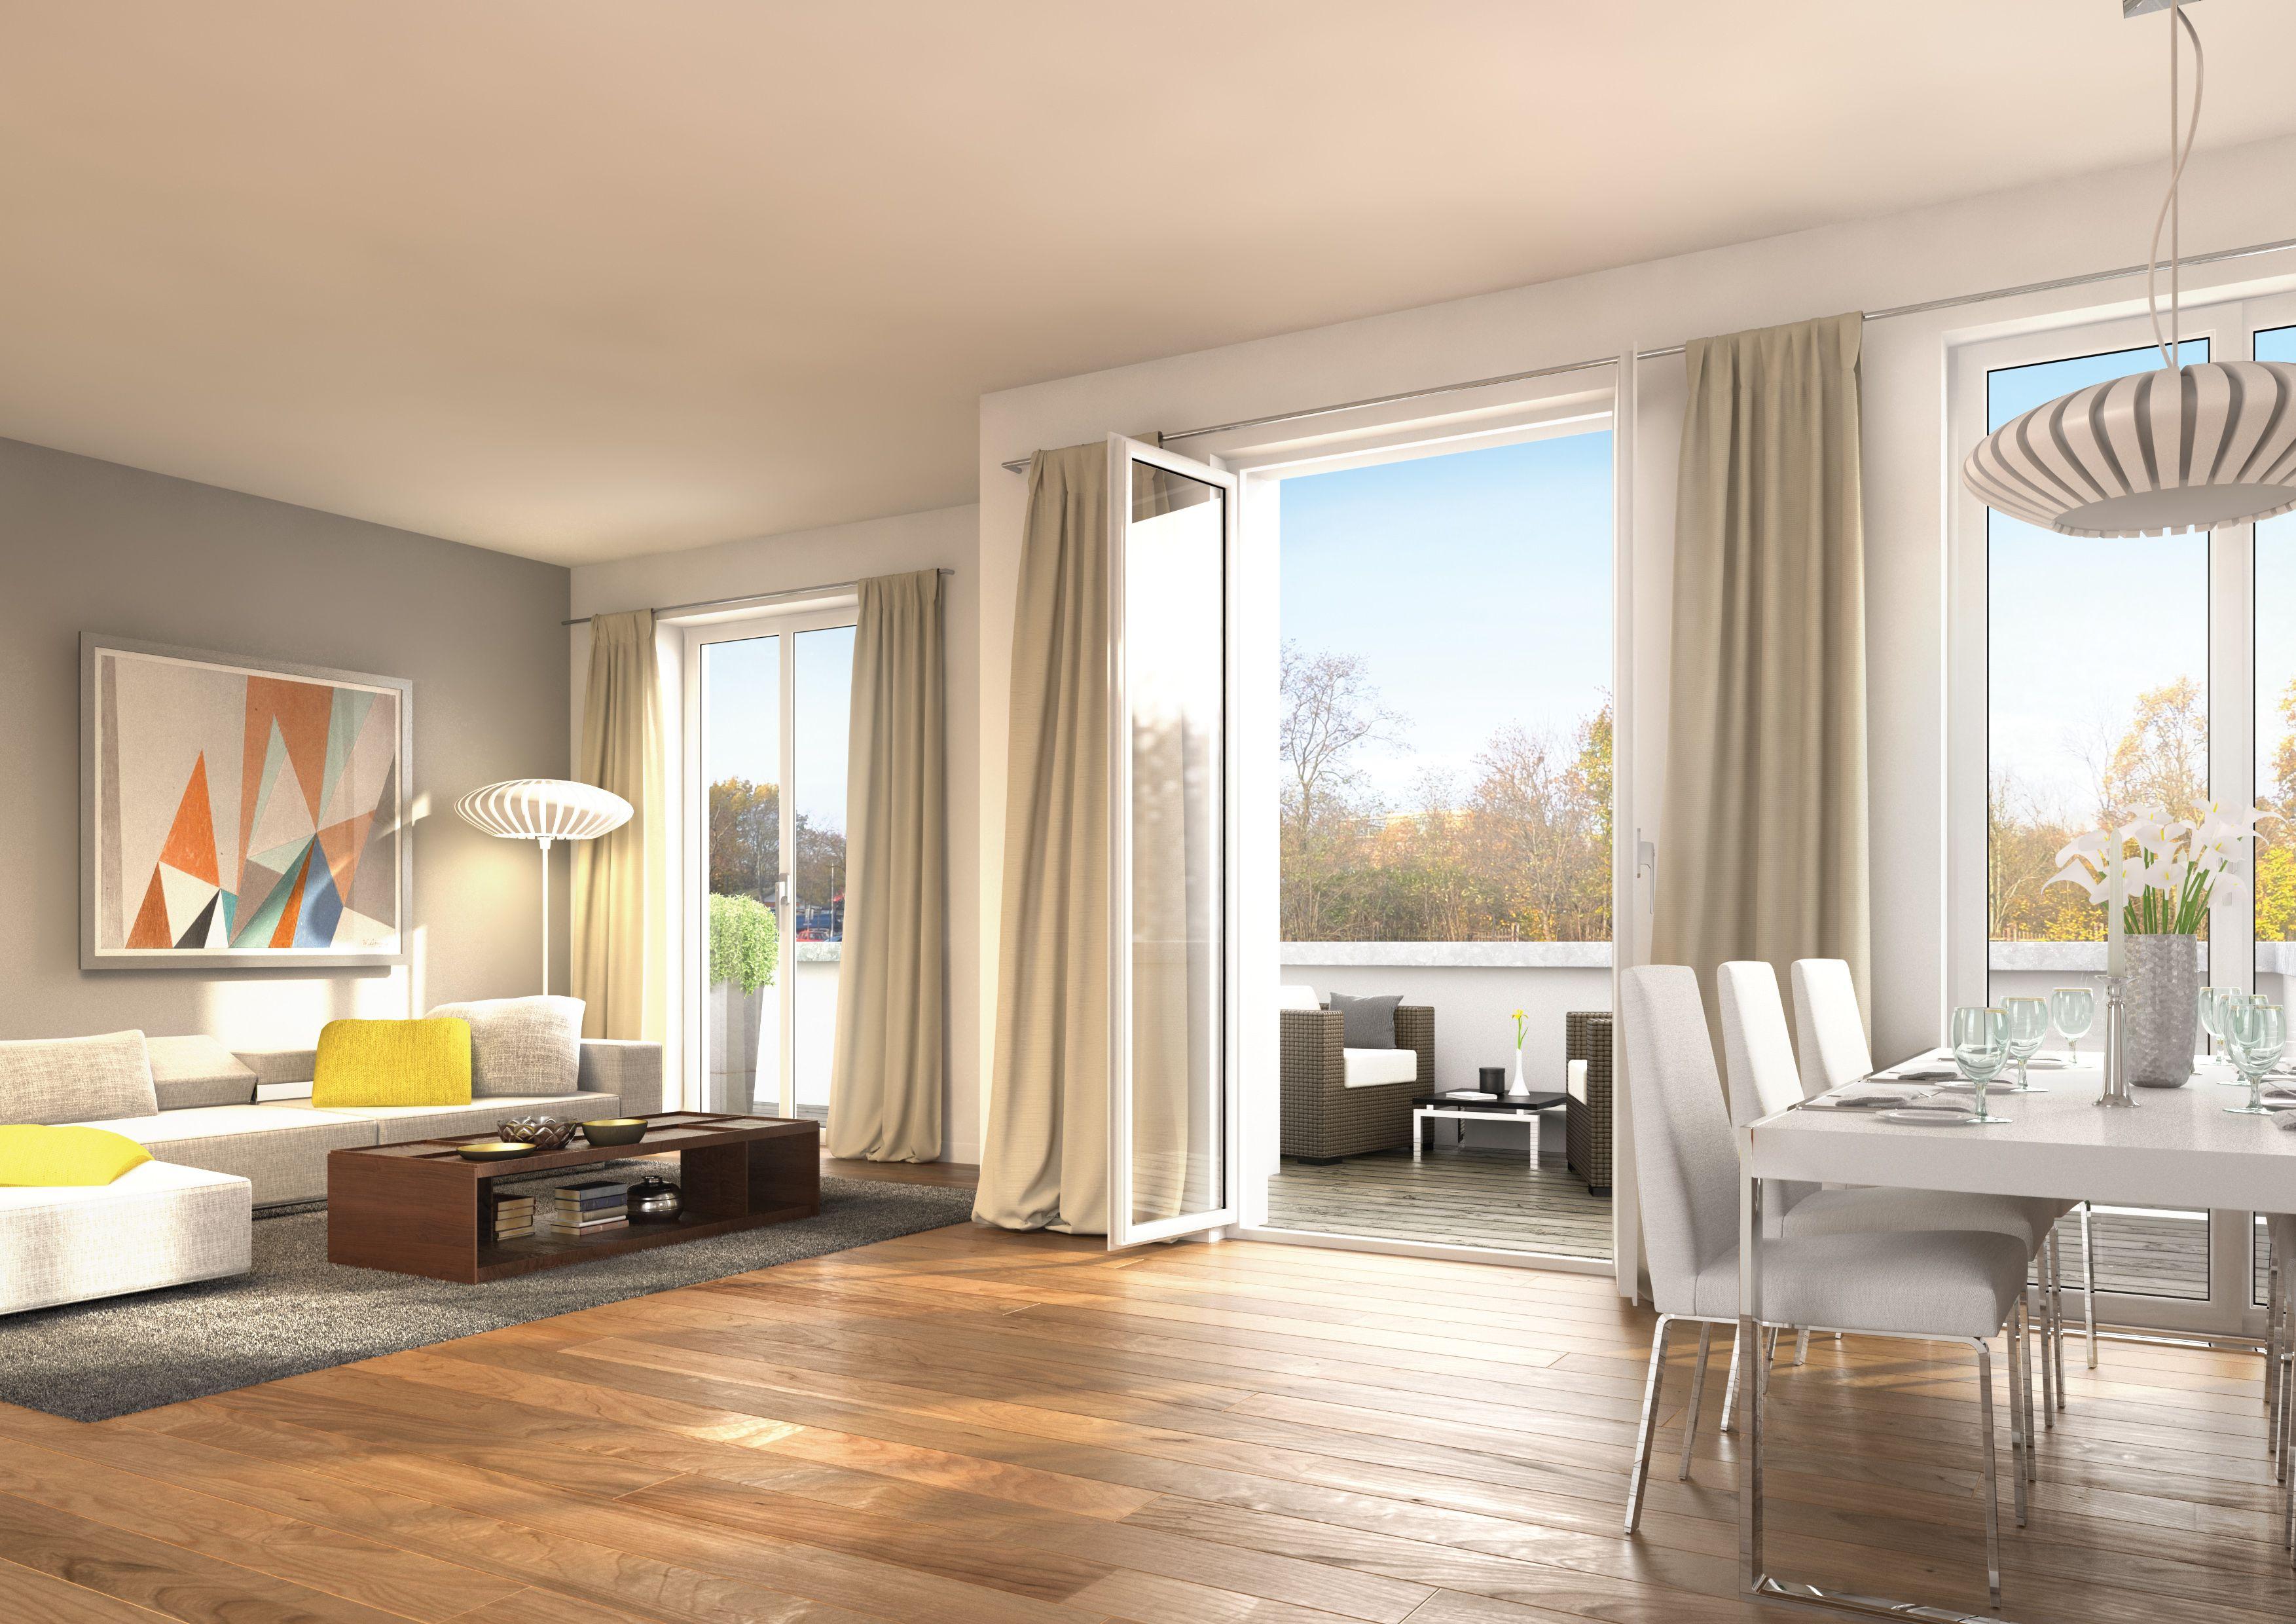 neubauprojekt westendpark dachgeschoss wohnung eine offene raumgestaltung und die gro e. Black Bedroom Furniture Sets. Home Design Ideas